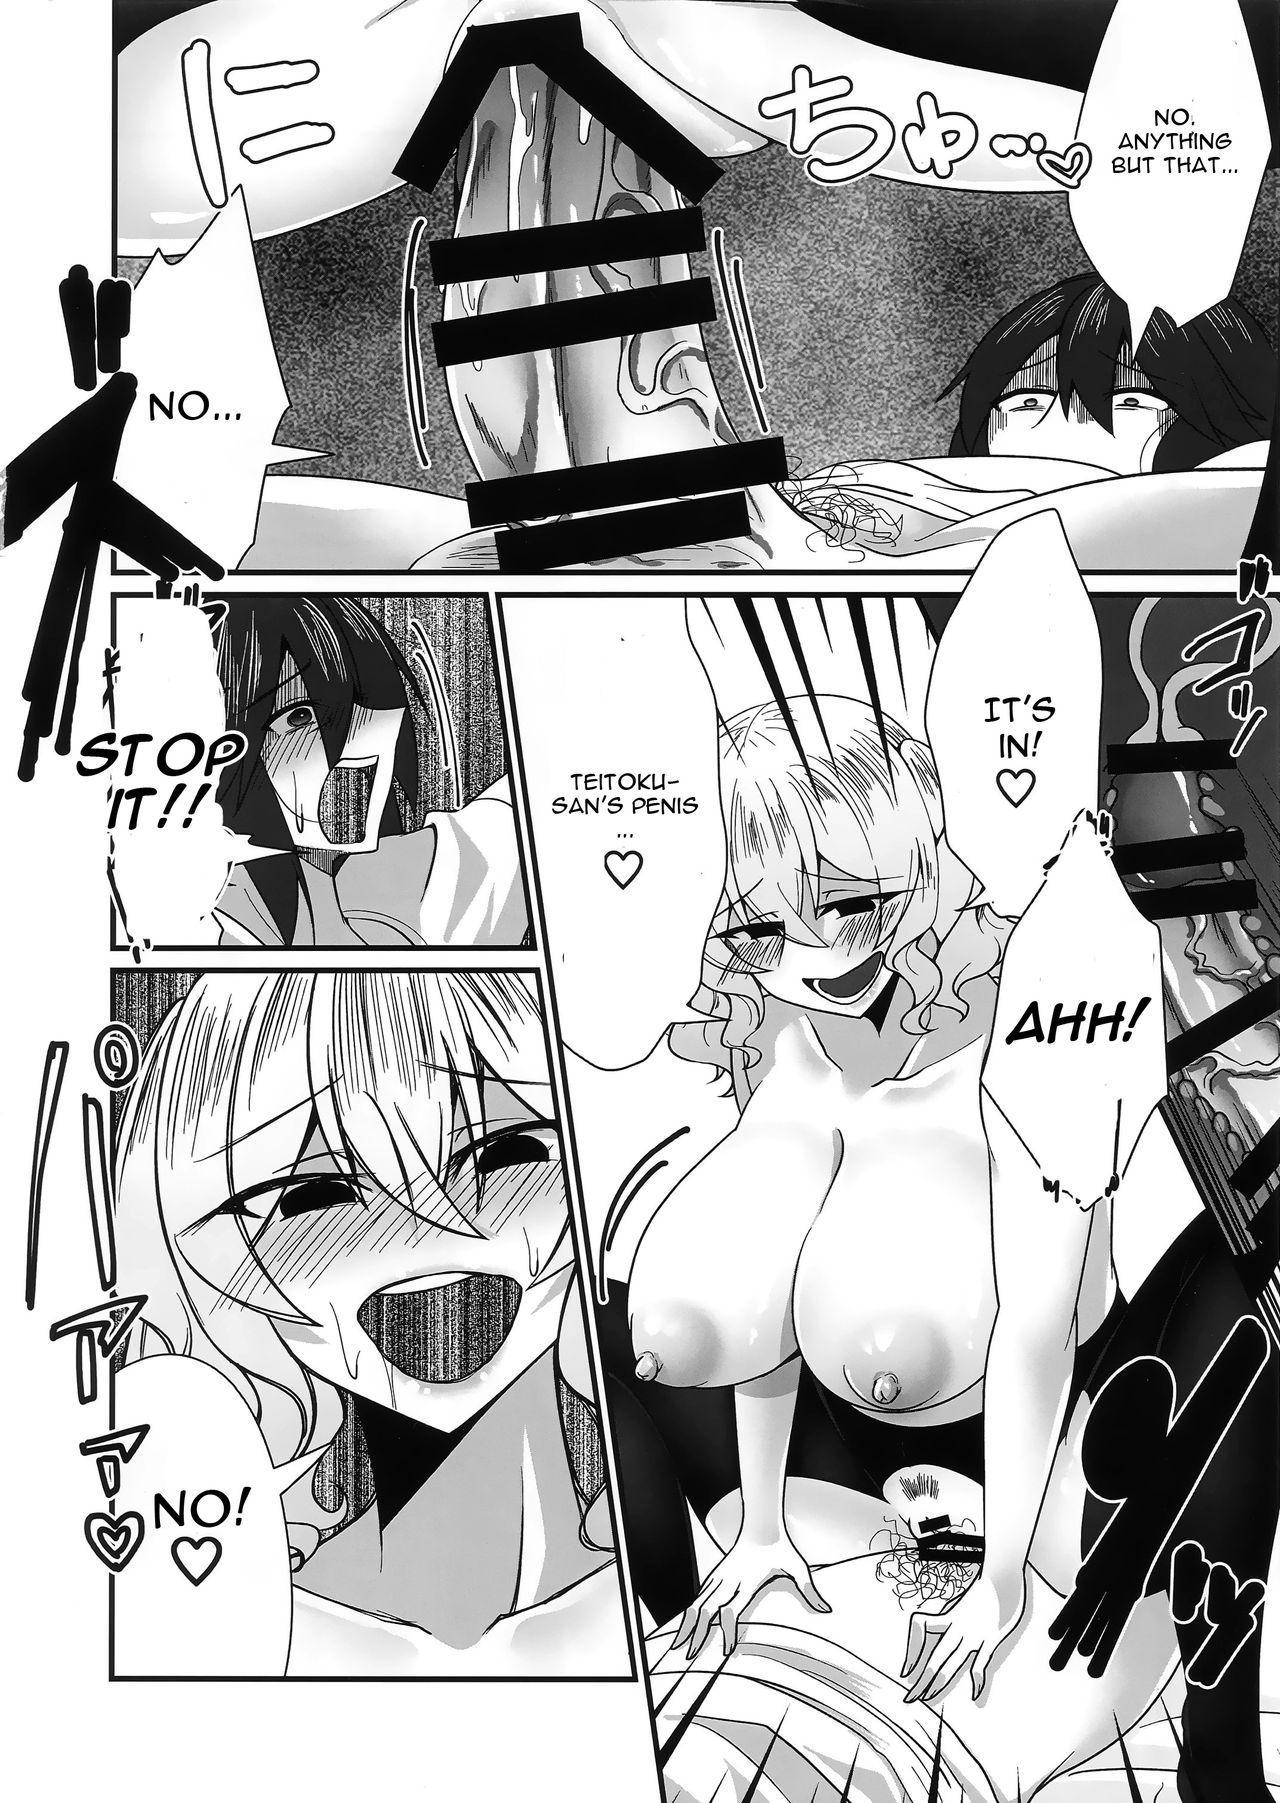 (C96) [Youkai House (Yokai)] Follower de Stalker no Kashima-san ni Off-kai no Ato Gyaku Rape sareru Hon (Kantai Collection -KanColle-) [English] 14